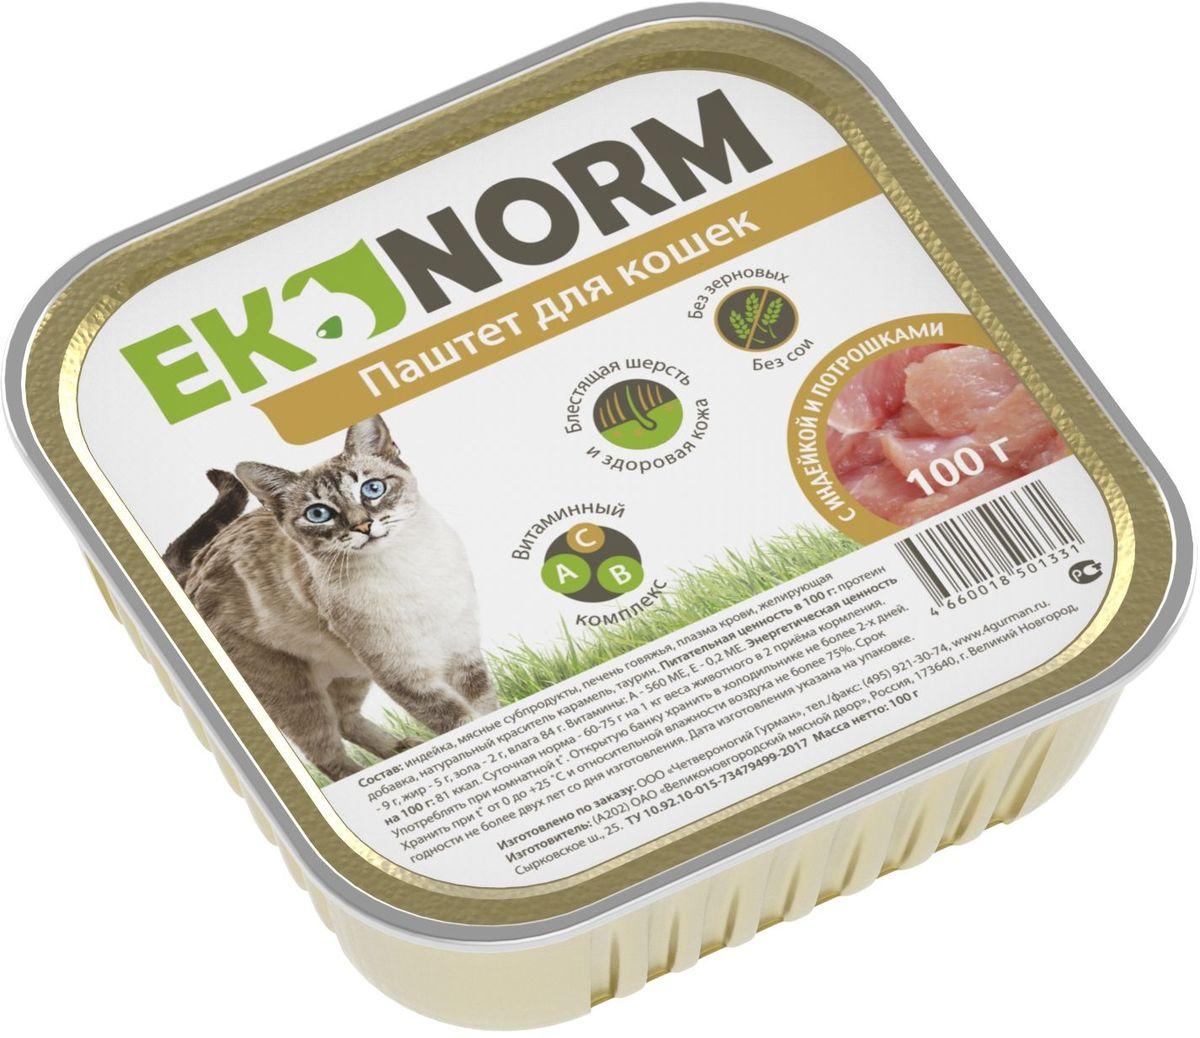 Корм консервированный для кошек Ekonorm Паштет, с говядиной и печенью, 190 г606204001Говядина, мясные субпродукты, печень говяжья, кровяная мука, желирующая добавка, натуральный краситель карамель, таурин.Протеин — 8,7 г, жир — 5,3 г, зола — 2 г, влага — 84 г.А — 560 МЕ, Е — 0,1 МЕ.